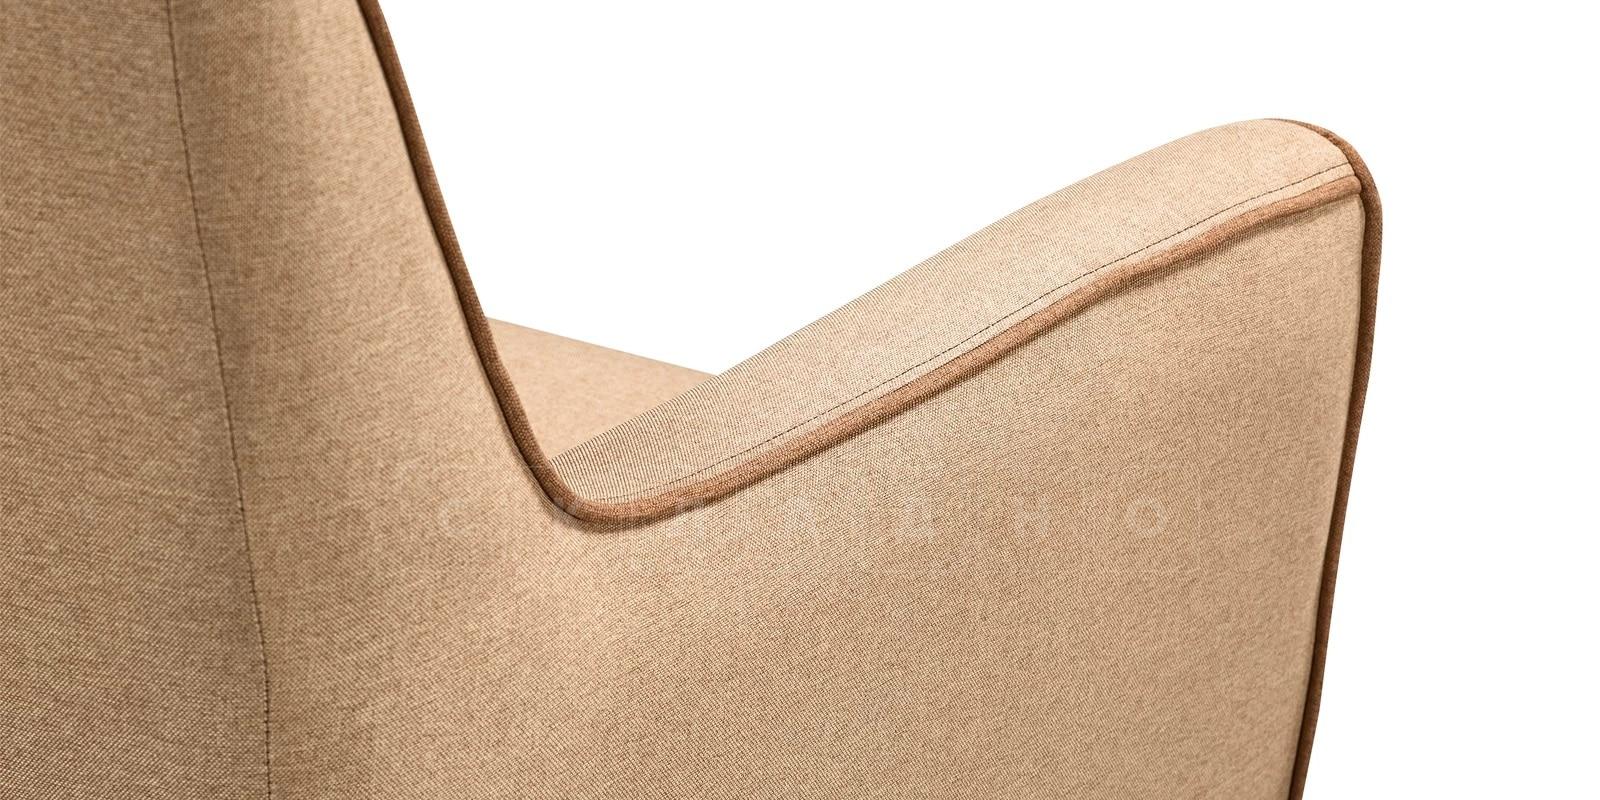 Кресло Флэтфорд рогожка бежевая с коричневым кантом фото 4 | интернет-магазин Складно